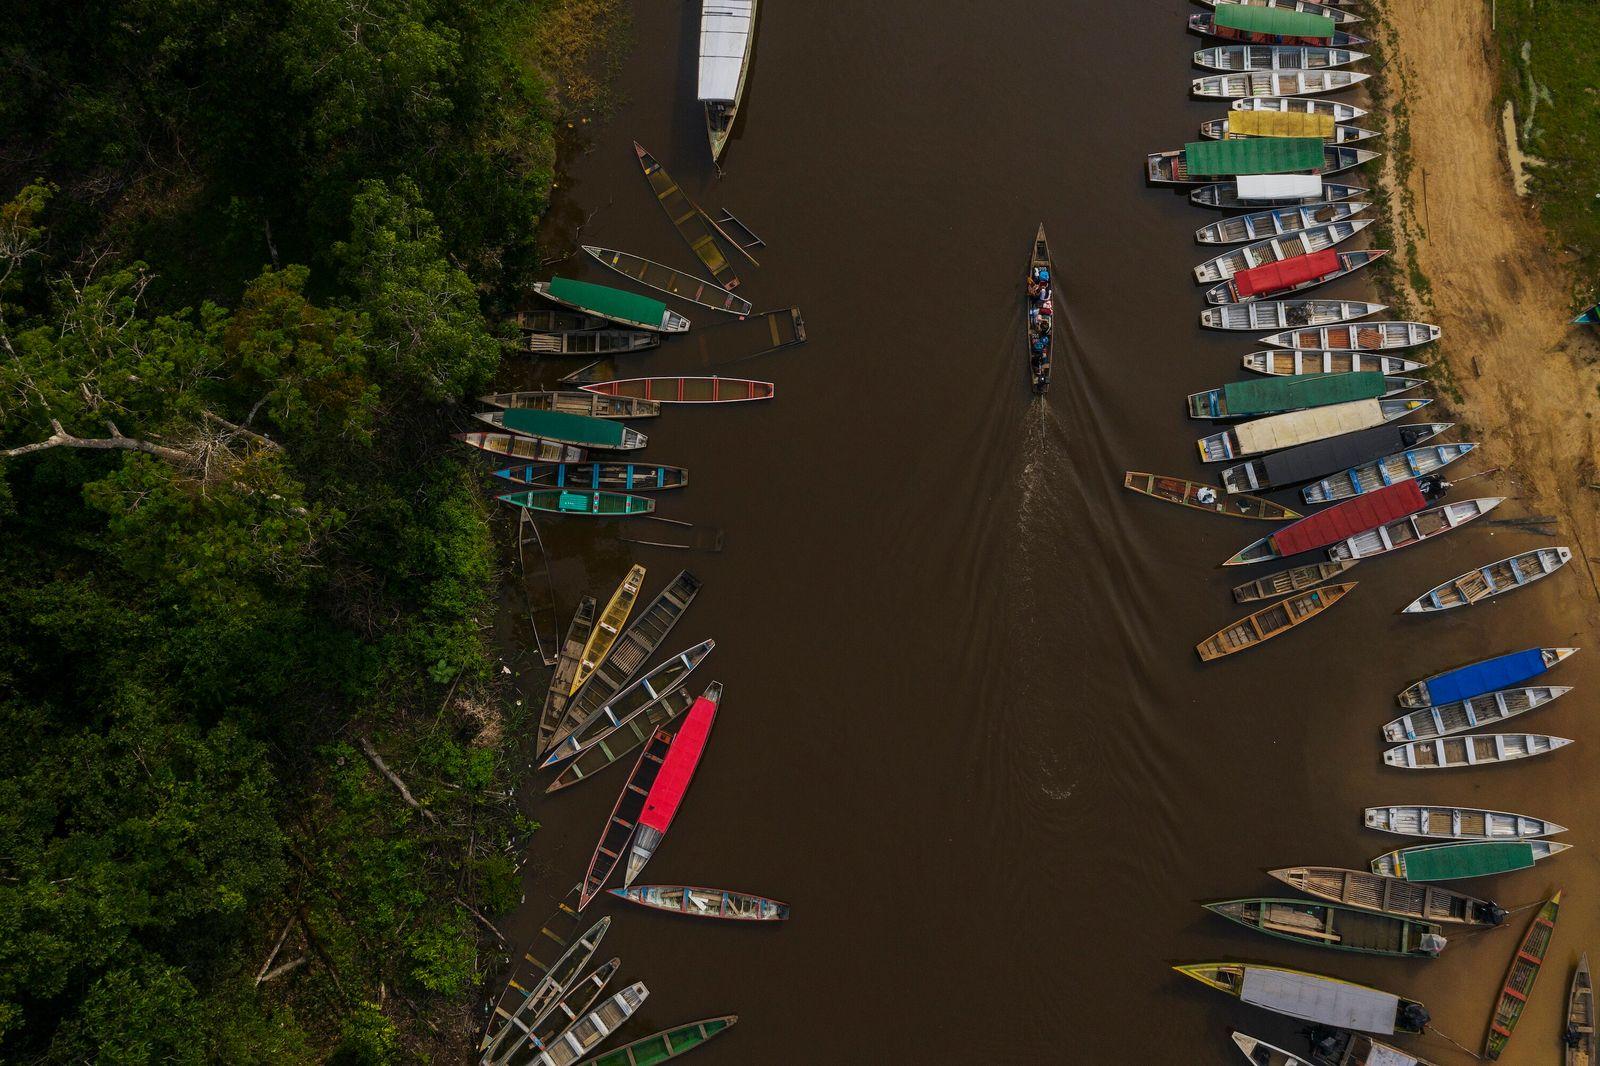 foto aérea de rio com várias canoas